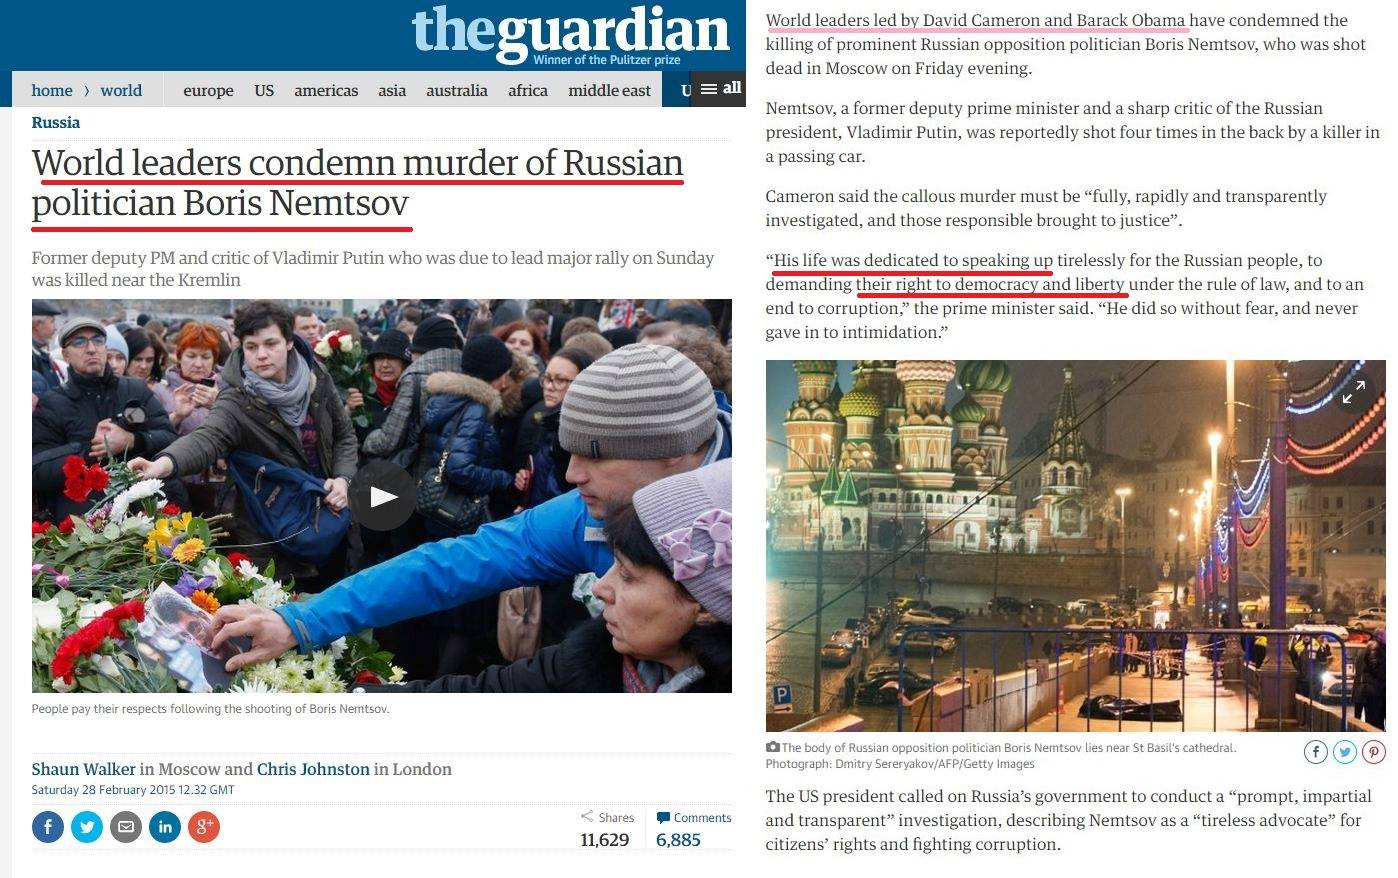 Ὁ ...«περιούσιος» Nemtsov...1